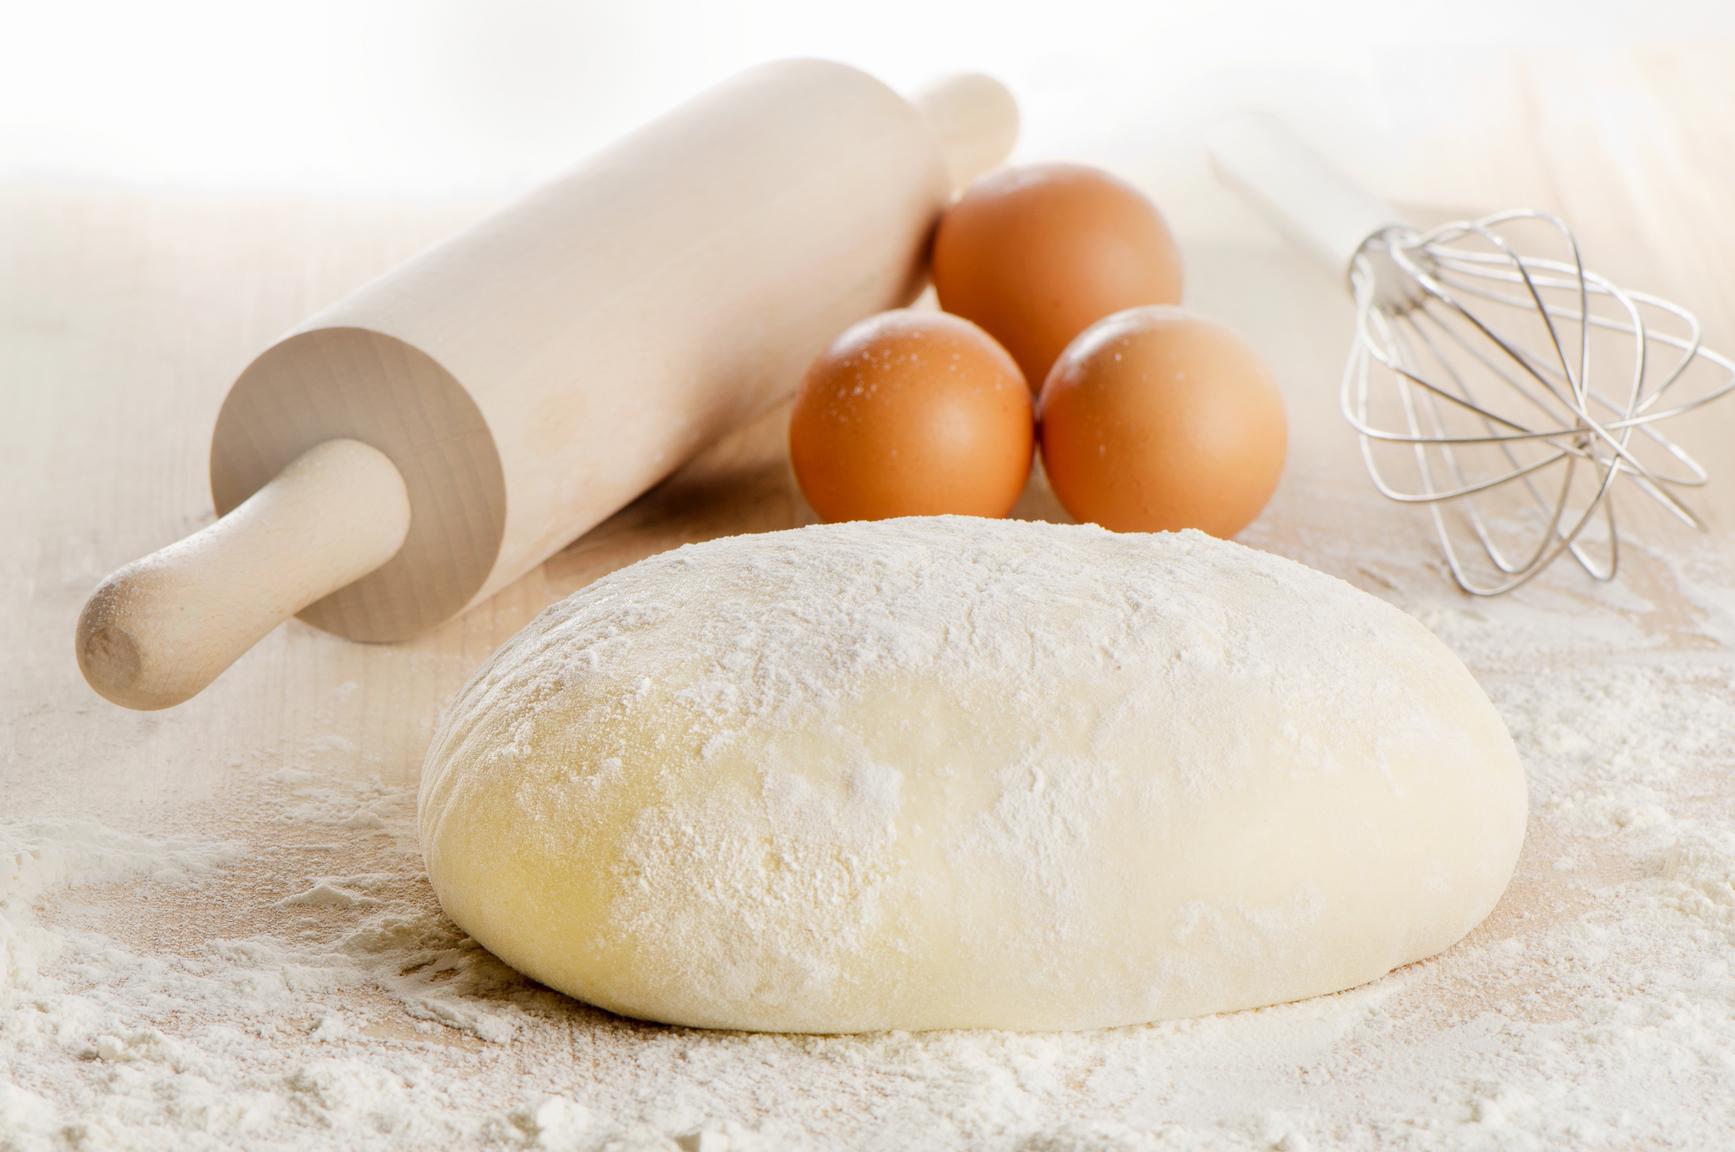 Надо ши в тесто для пирогов добавлять яйцо